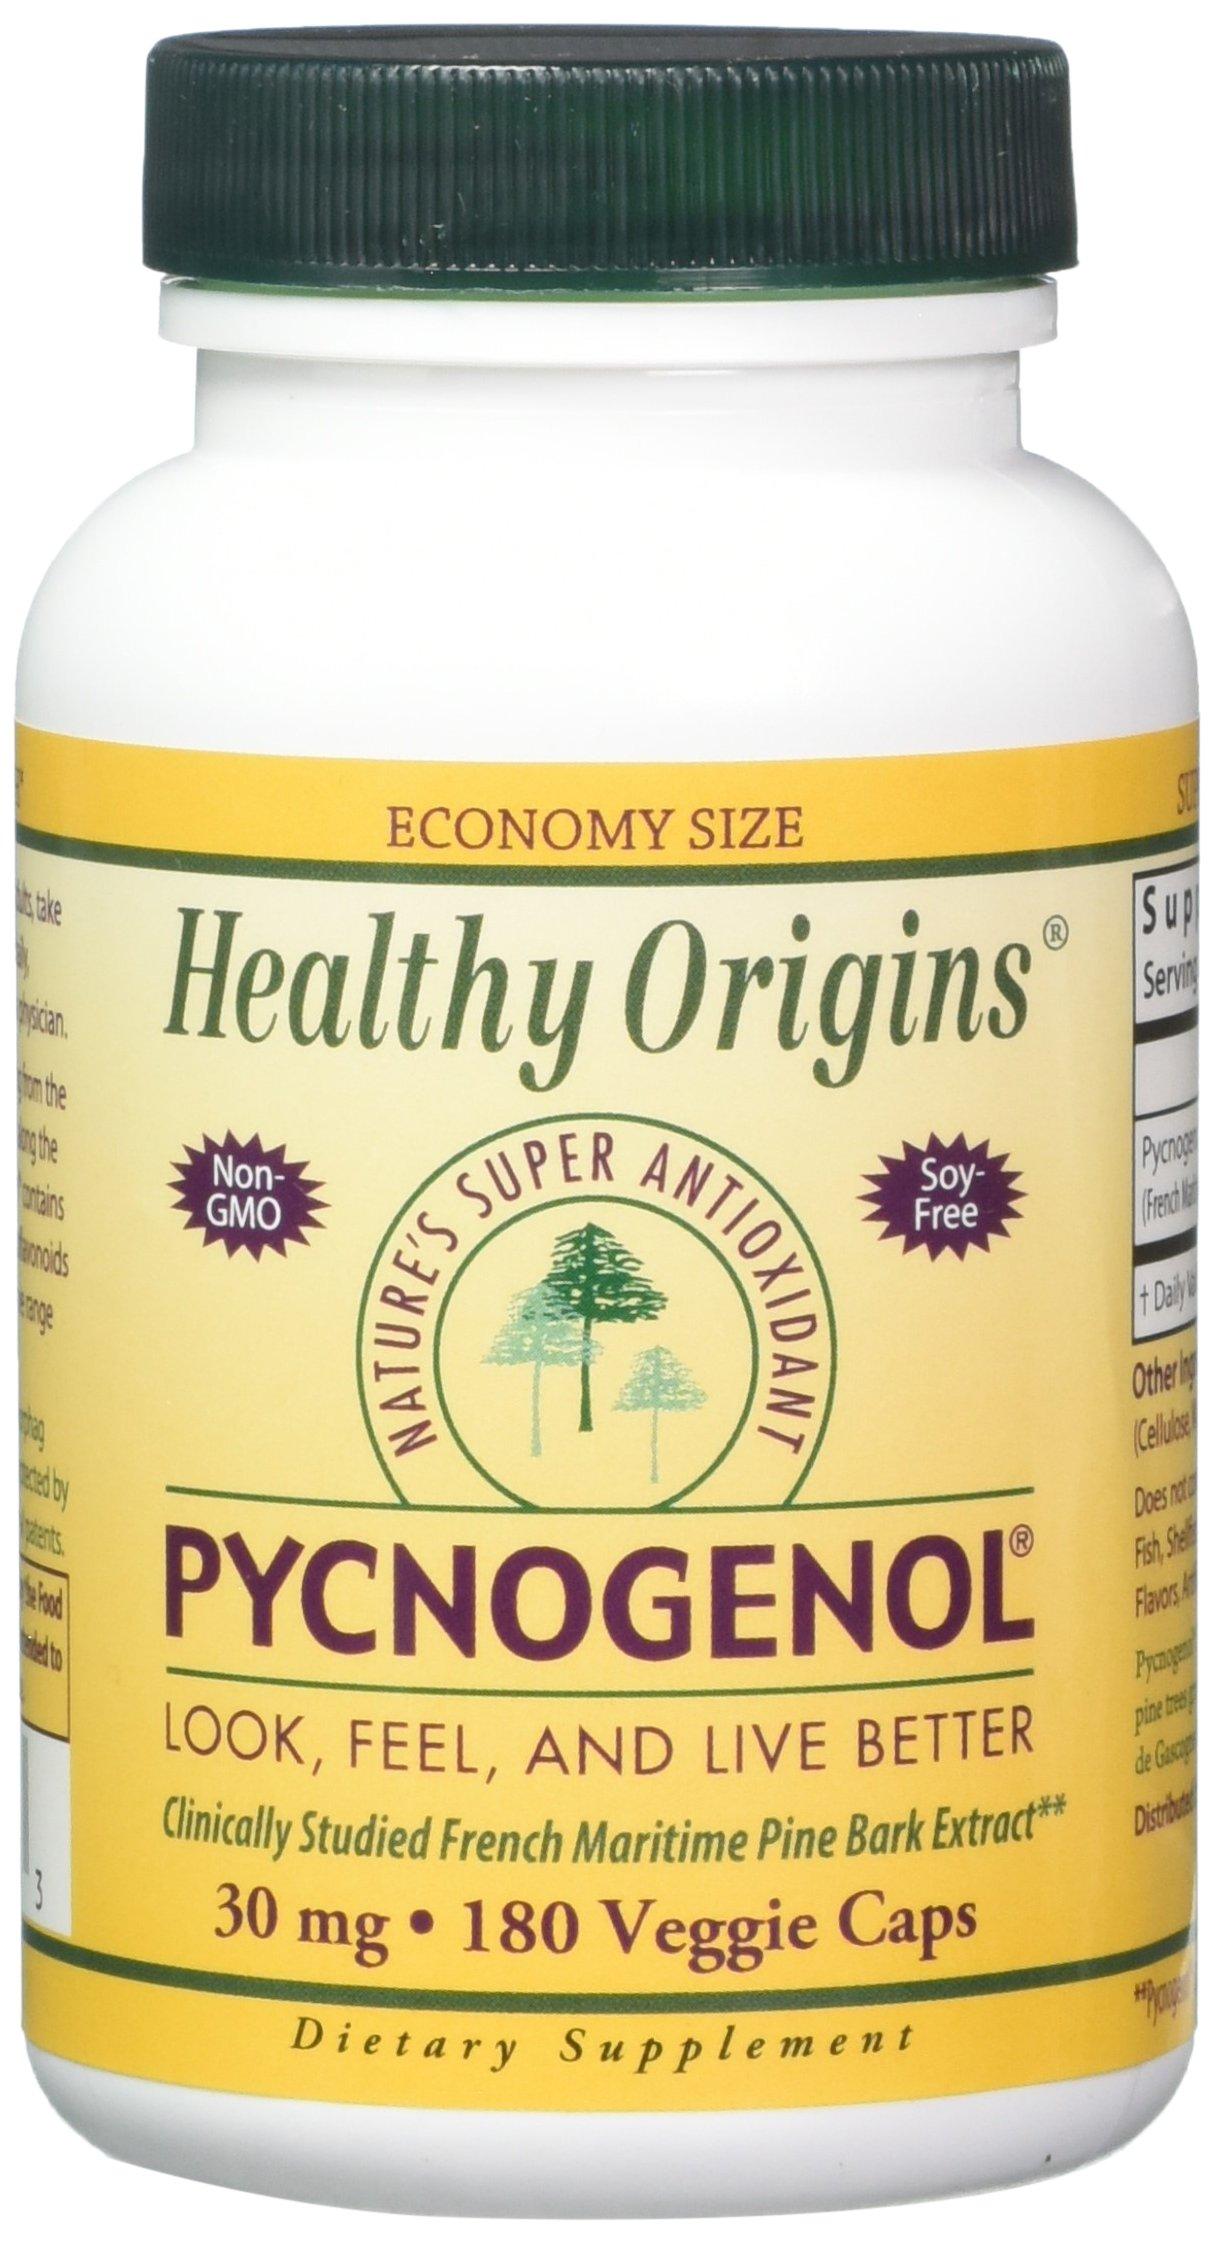 Healthy Origins Pycnogenol Veg Capsules, 30 mg, 180 Count